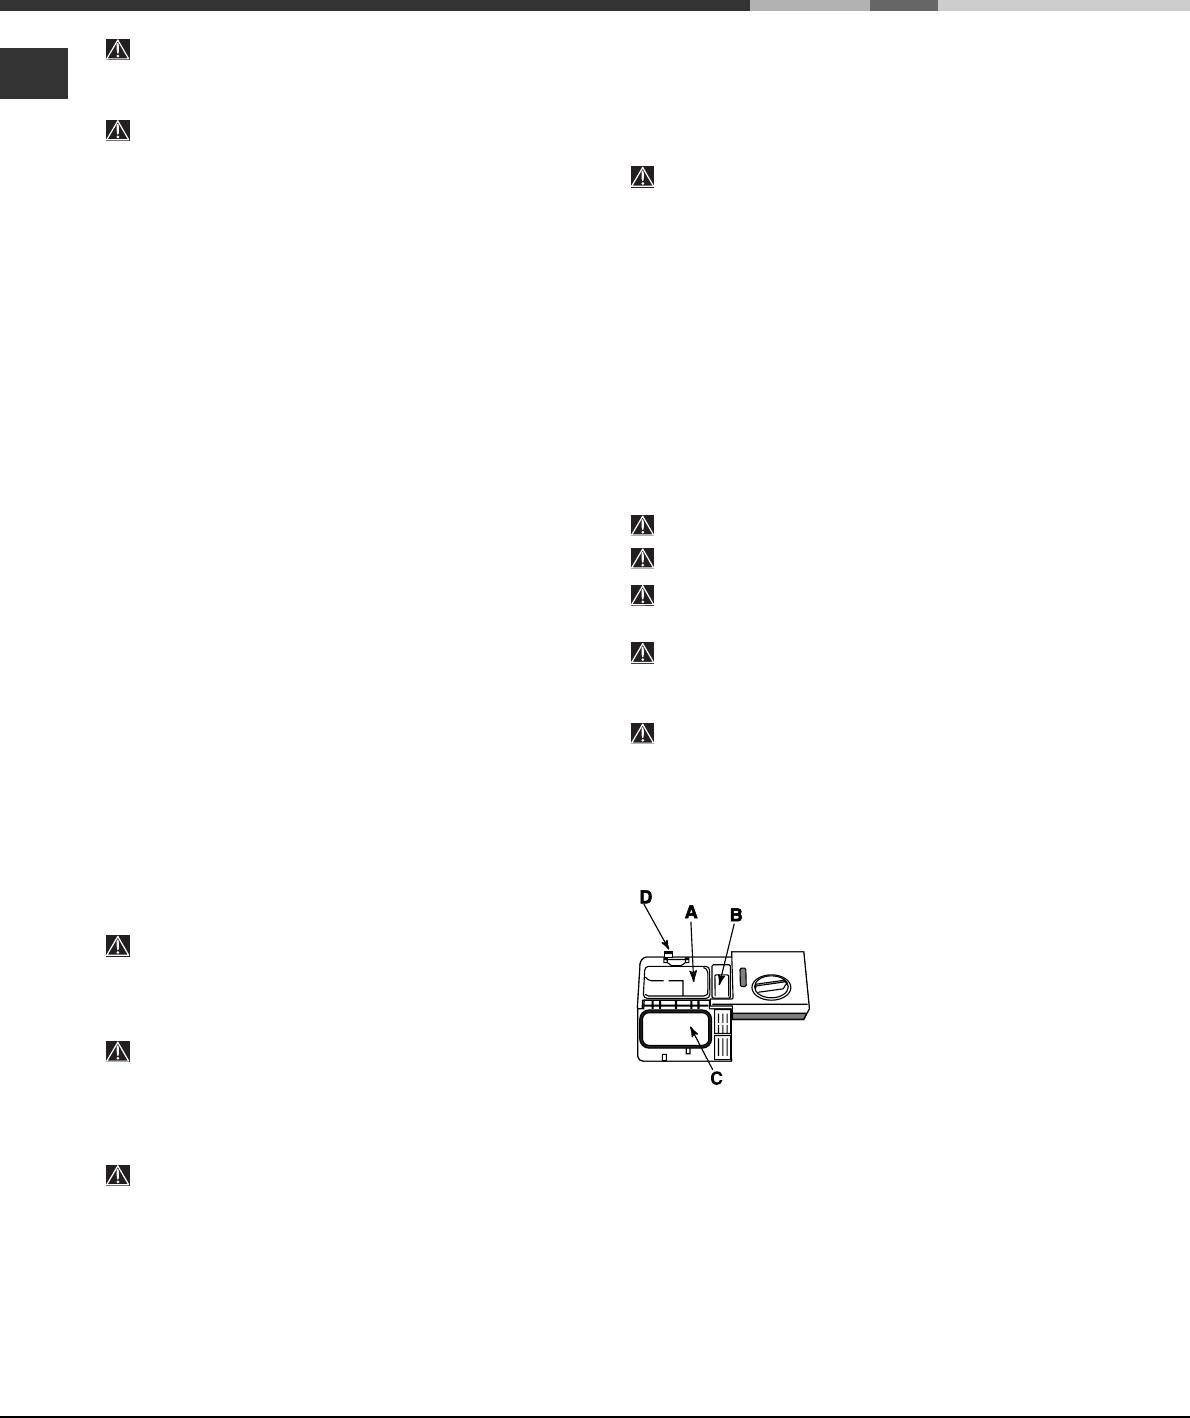 Handleiding Hotpoint Ariston Pft 834x Pagina 6 Van 84 Deutsch